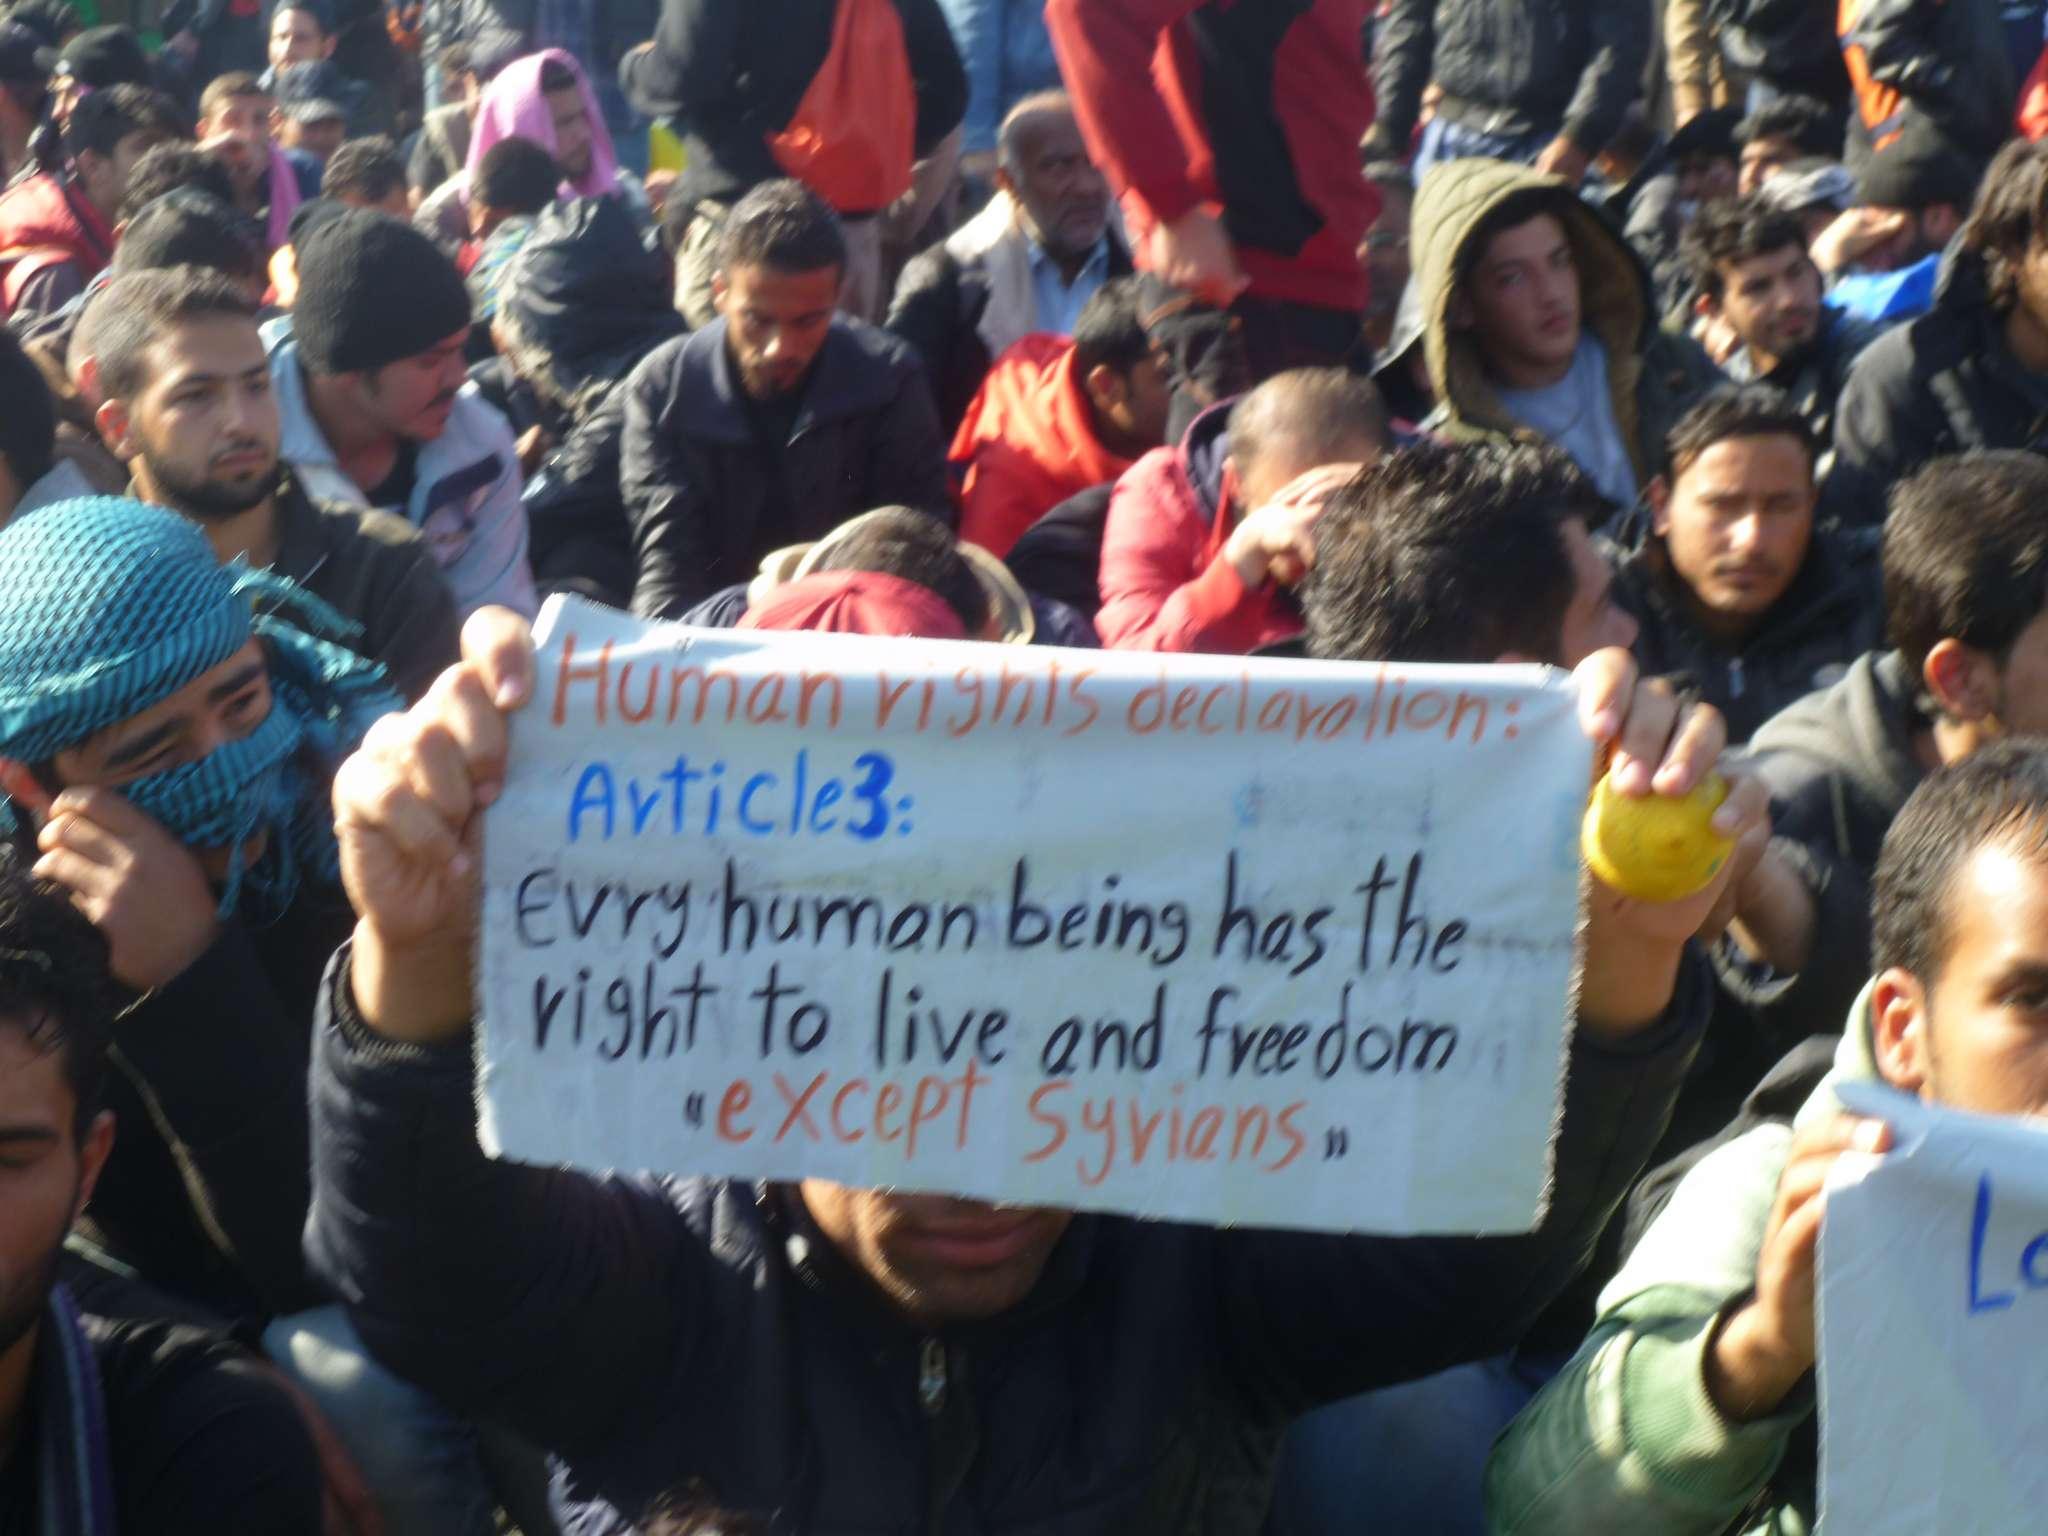 refugiados-denuncia-social-p1040502